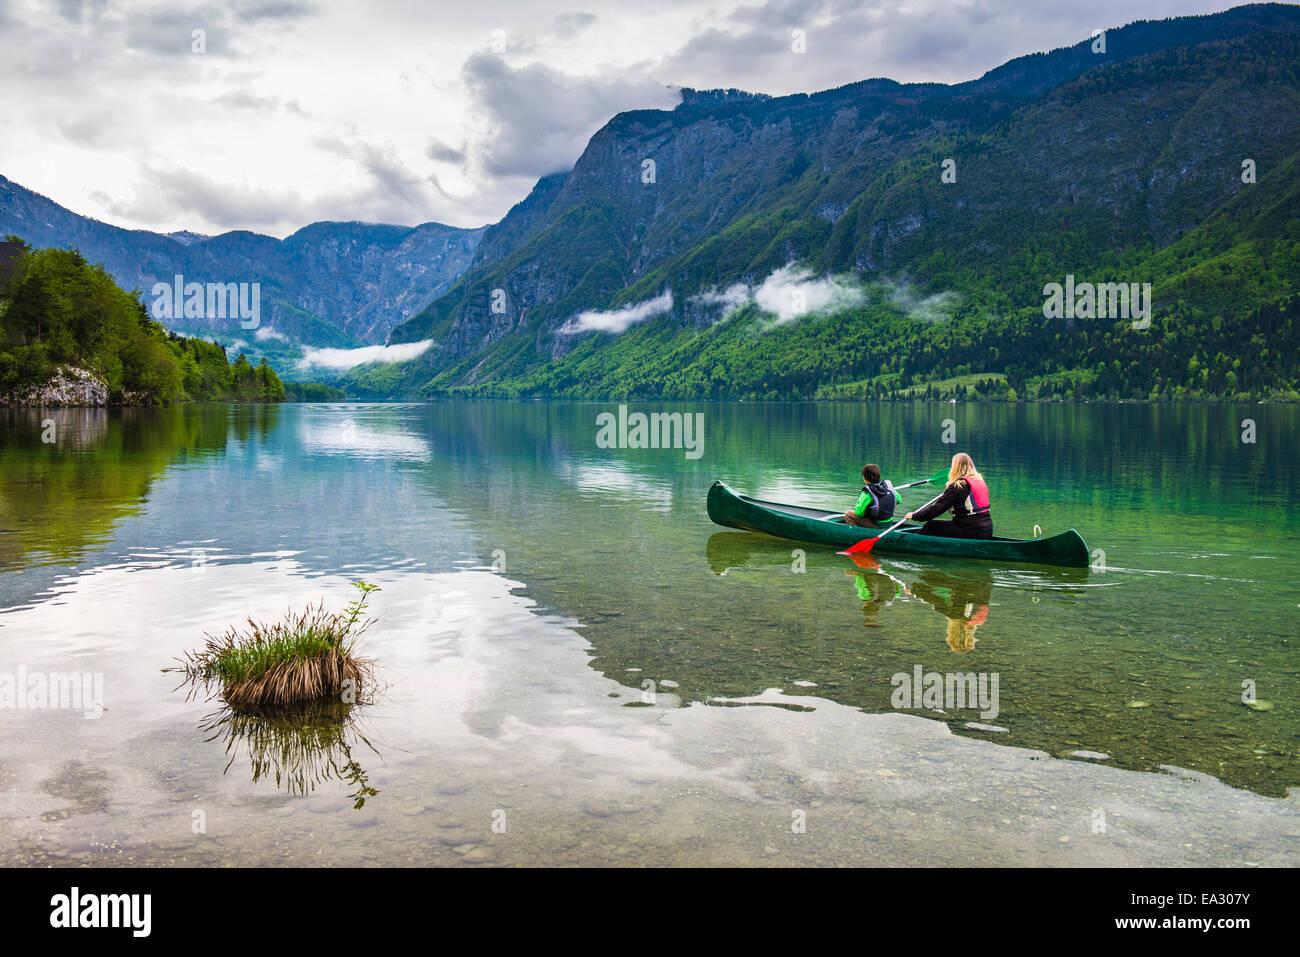 La mère et le fils du canoë sur le lac de Bohinj, parc national du Triglav, Alpes Juliennes, en Slovénie, Photo Stock